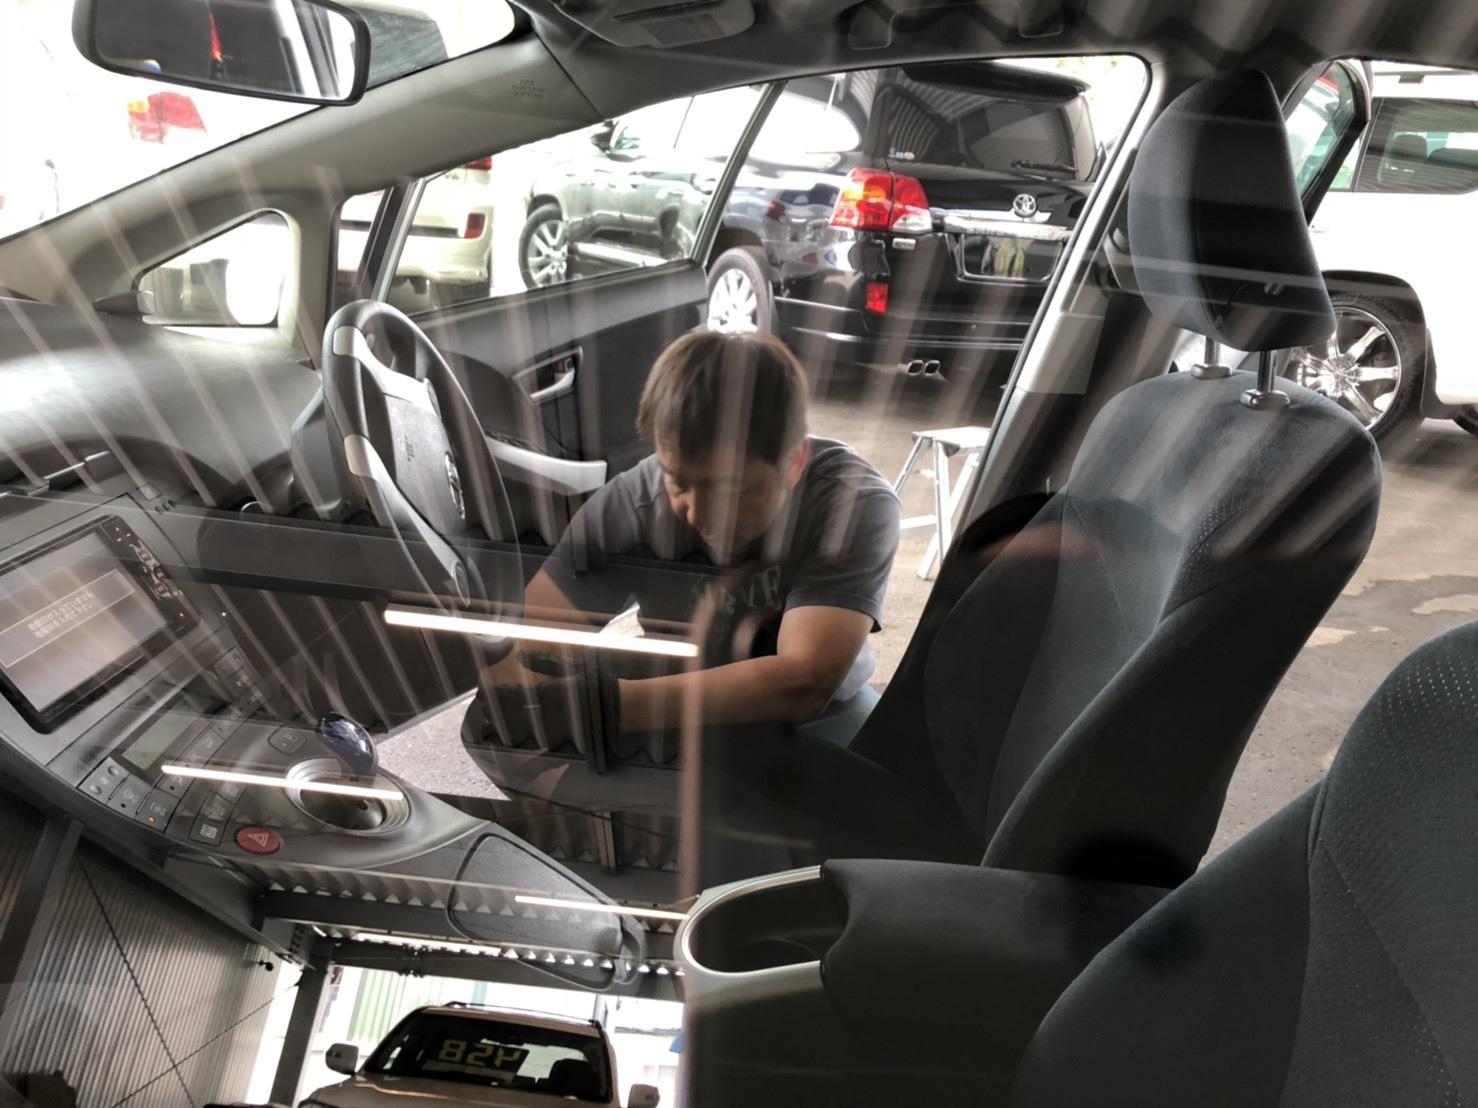 6/11 本店ブログ♪レクサス LX570 4WD☆ワンオーナー ありますよーーー ランクル ハマー キャンピングカー_b0127002_18001138.jpg